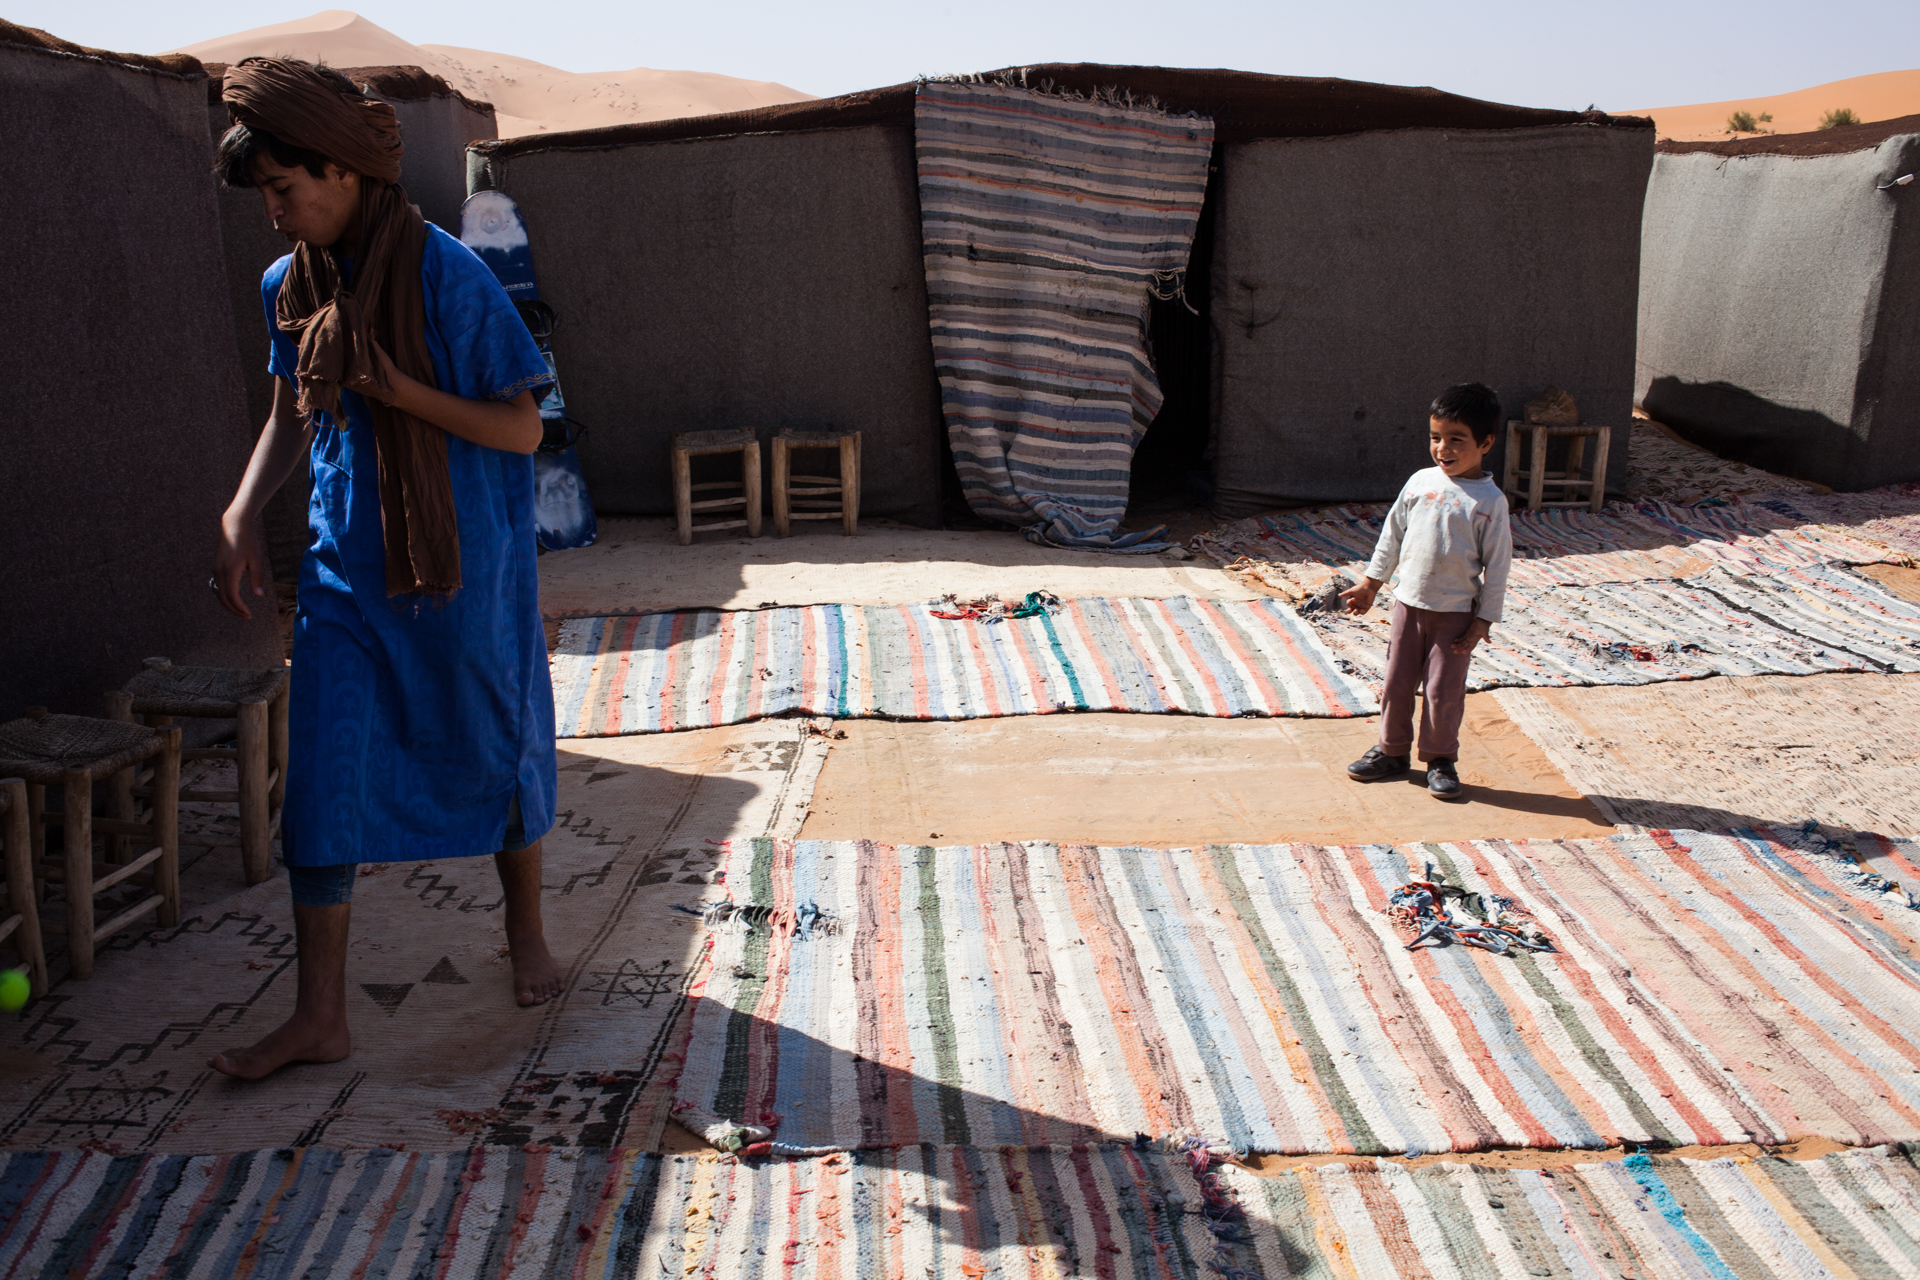 Morocco_Apr15__by_kingmouf-273